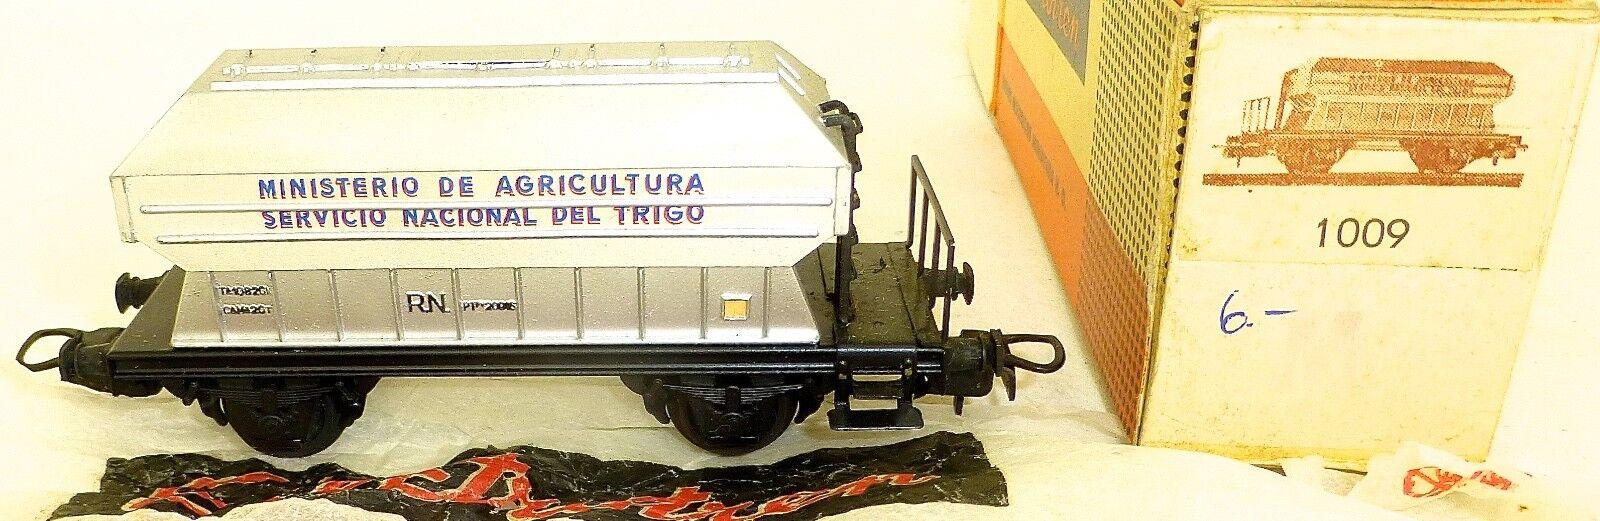 Rn Ministerio de Agricultura Silo Wagon Electrödetron 1009 H0 1 87